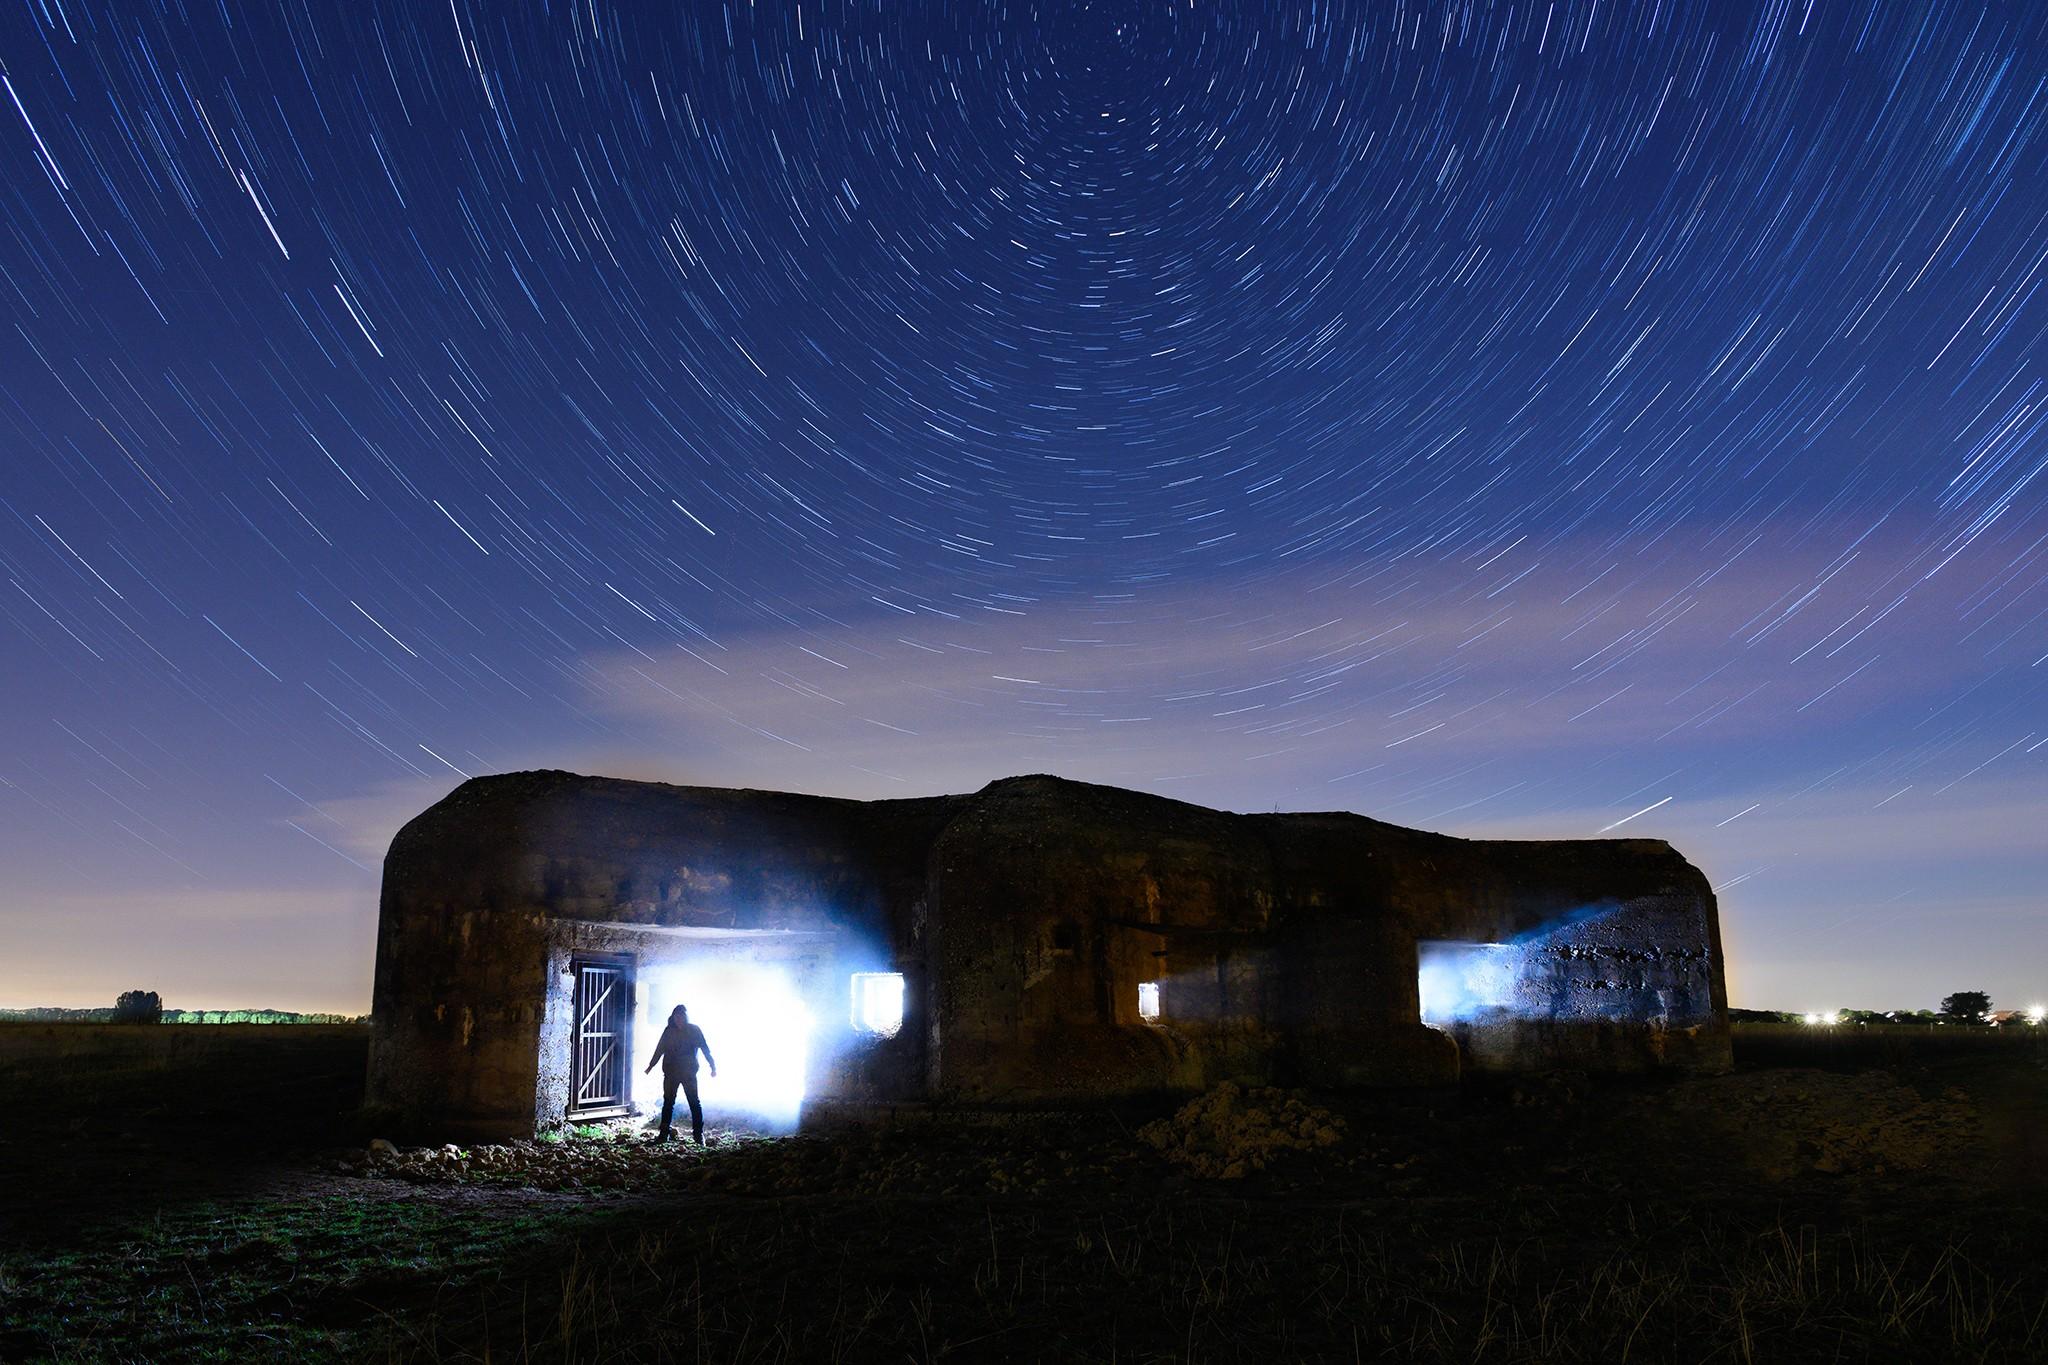 Circumpolaire au dessus d'un bunker (Ligne Maginot) | Paysages nocturnes © Pierre ROLIN - Photographe Nancy - Lorraine / Grand Est